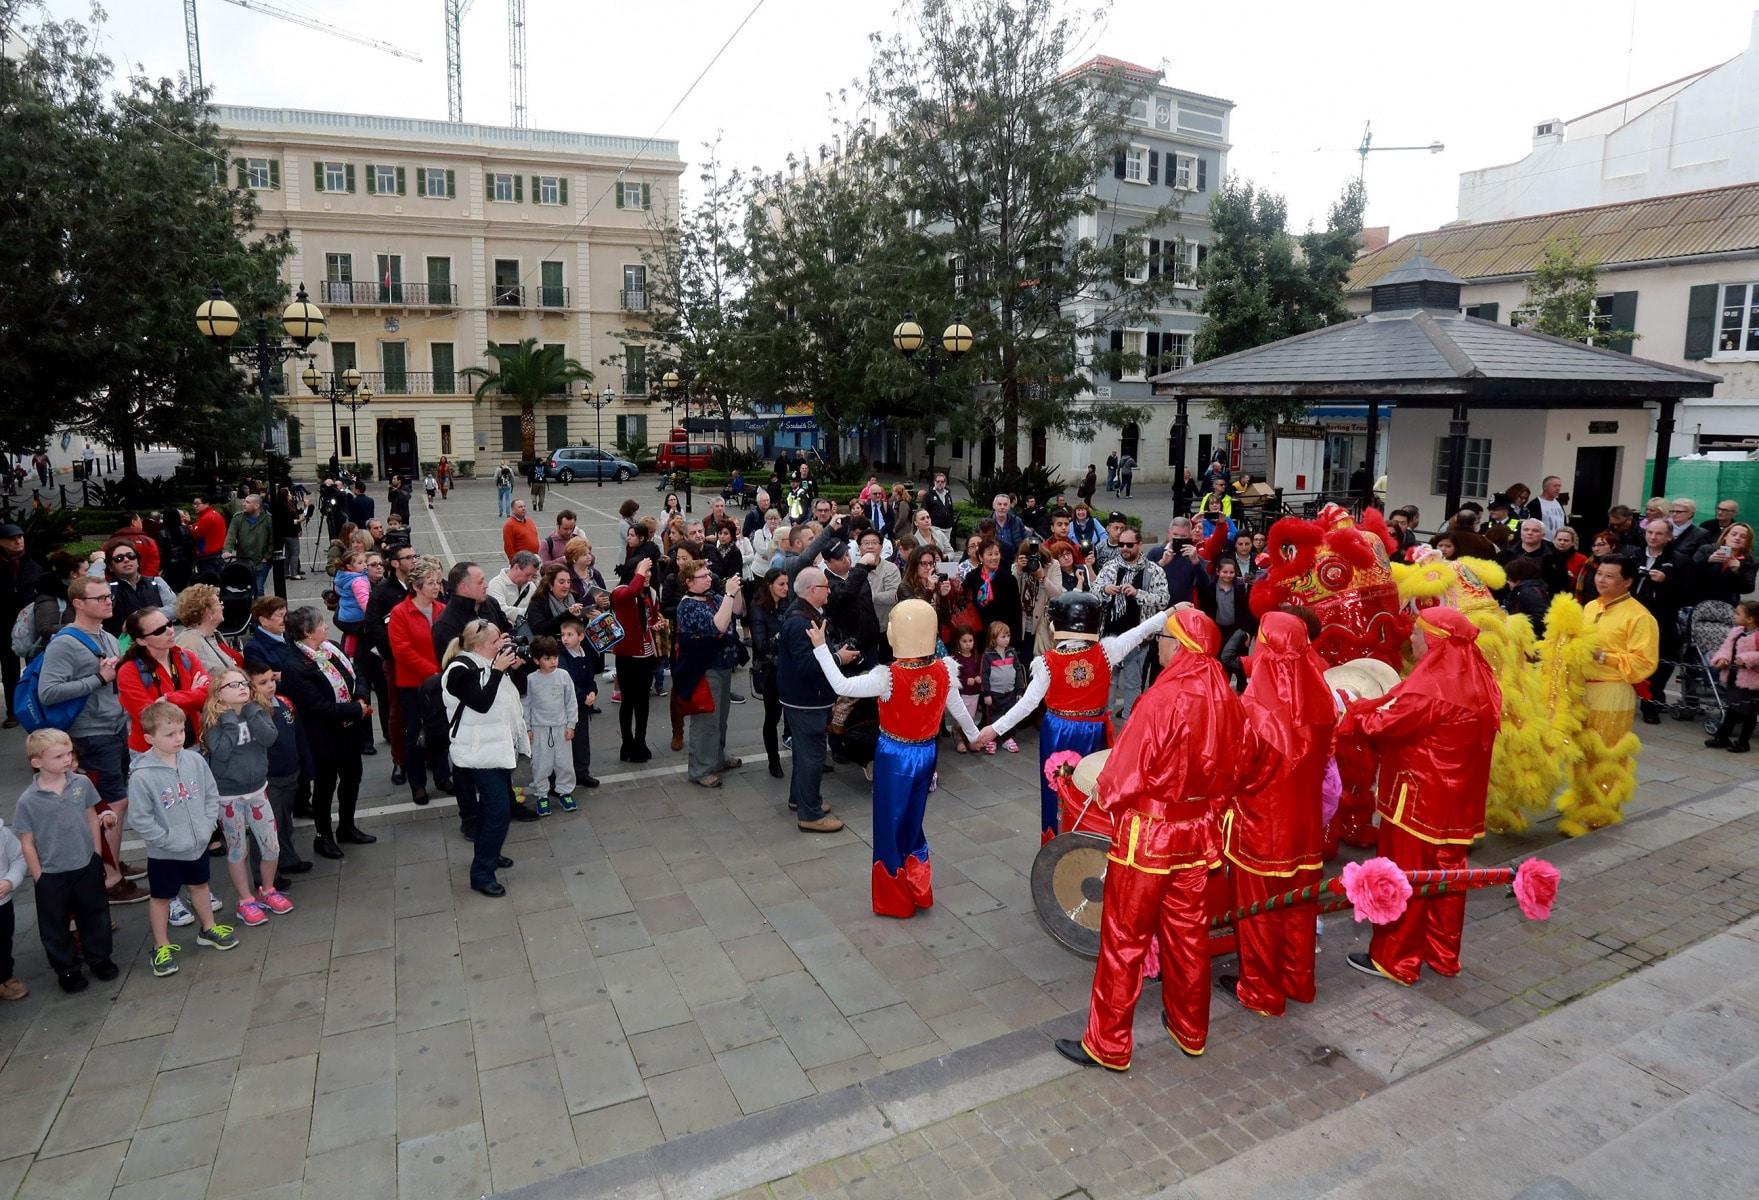 10-feb-2016-celebracin-en-gibraltar-del-ao-nuevo-chino-2_24941103815_o